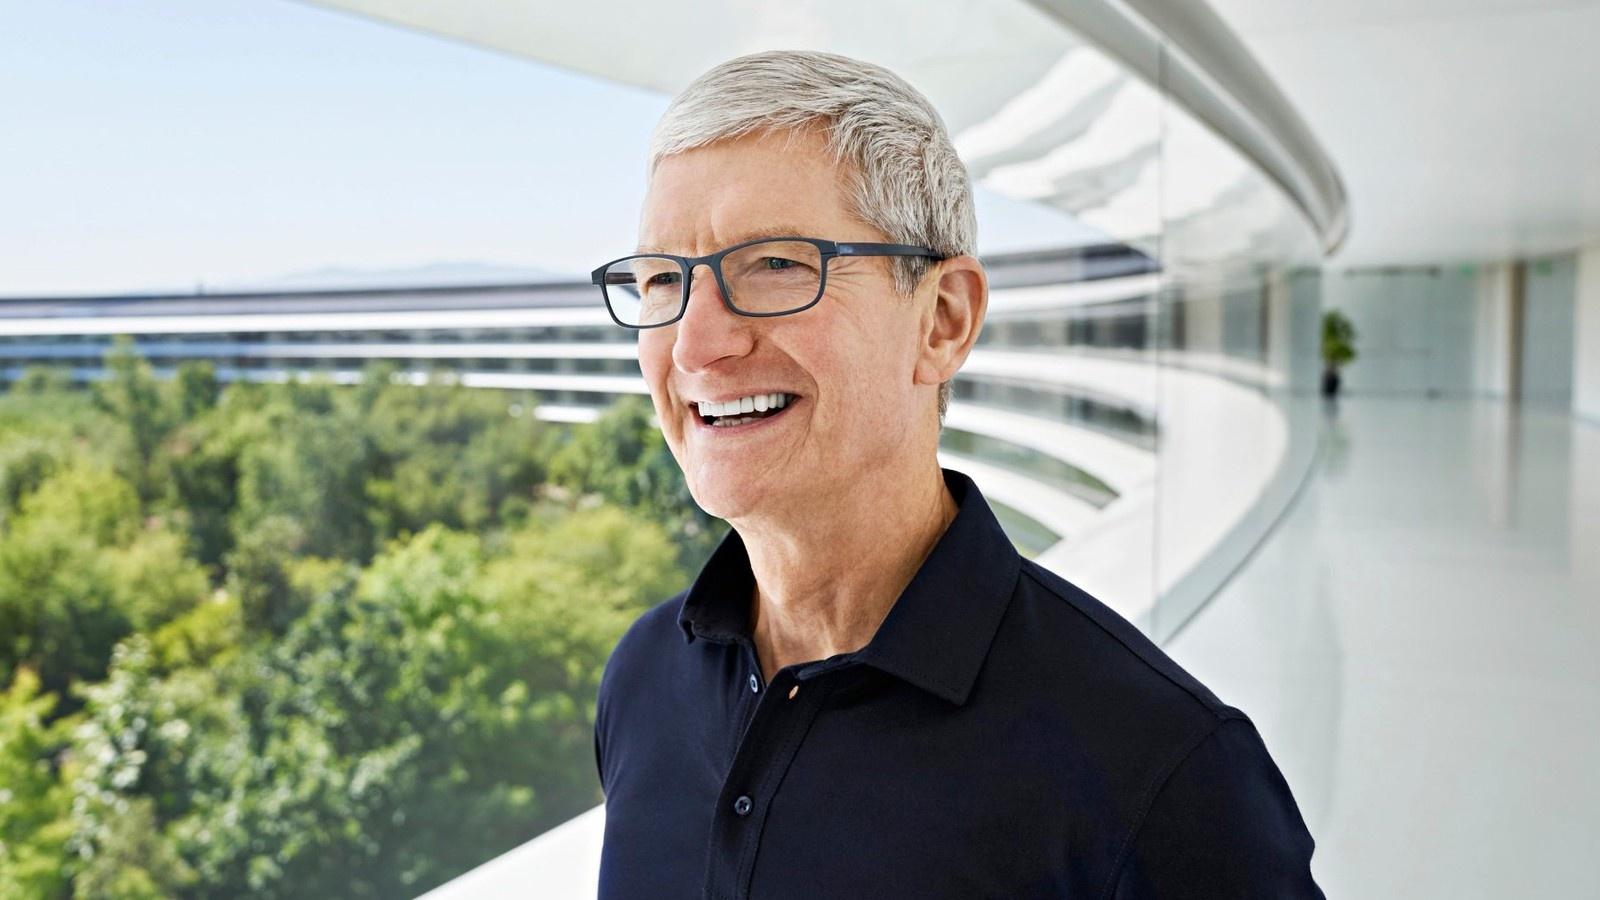 Nhan vien Apple doi nghi viec anh 1